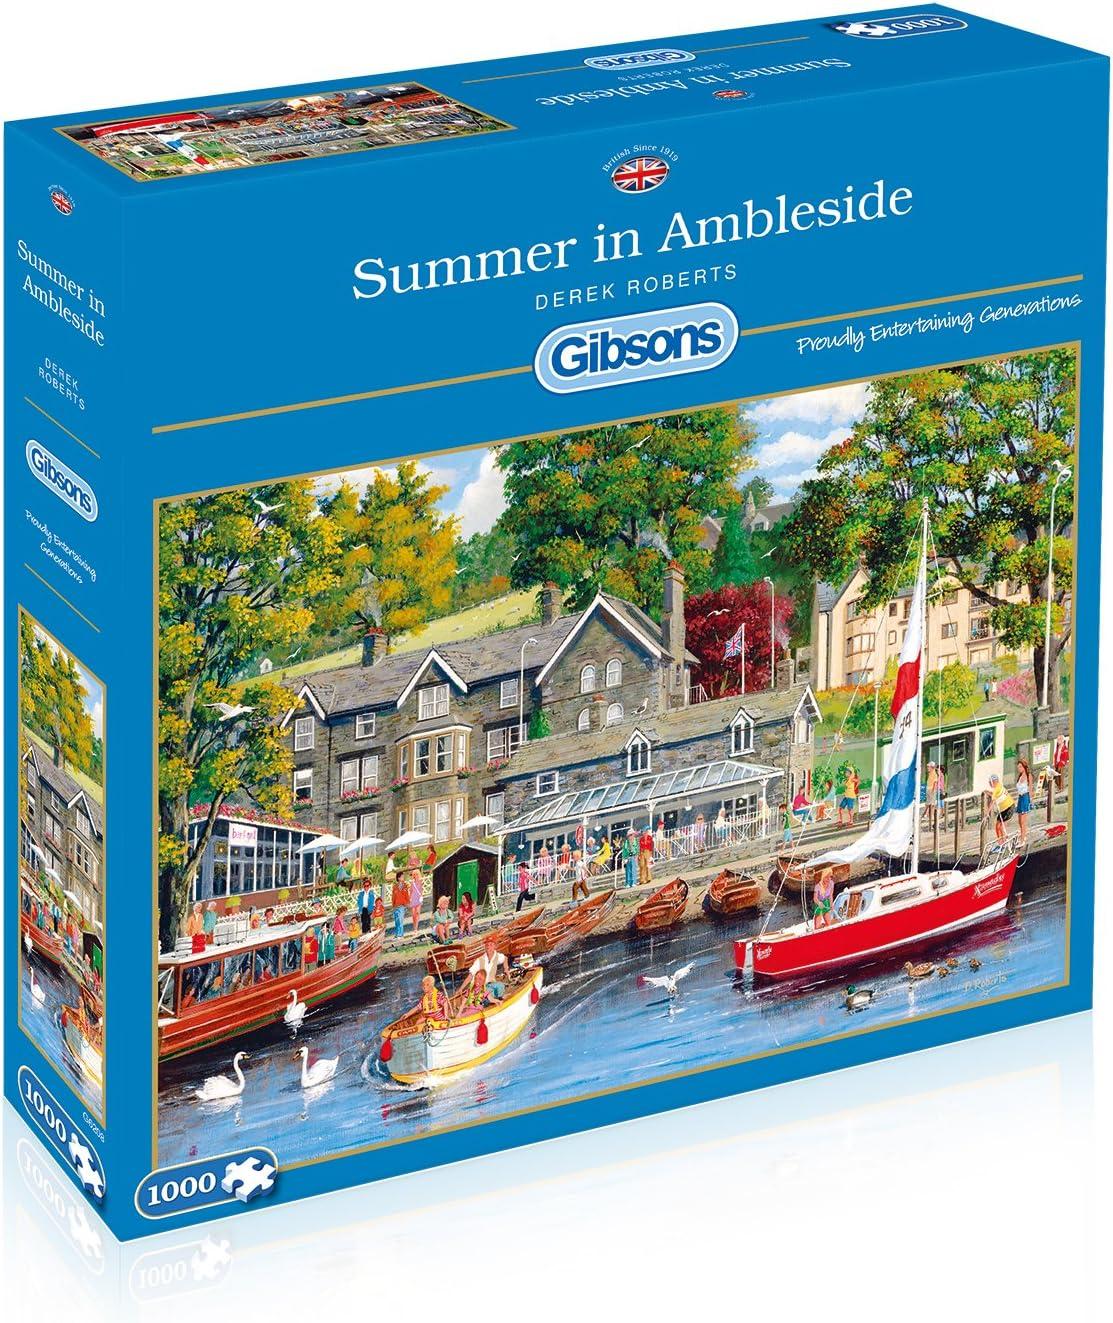 Ambleside 1000 Piece Puzzle